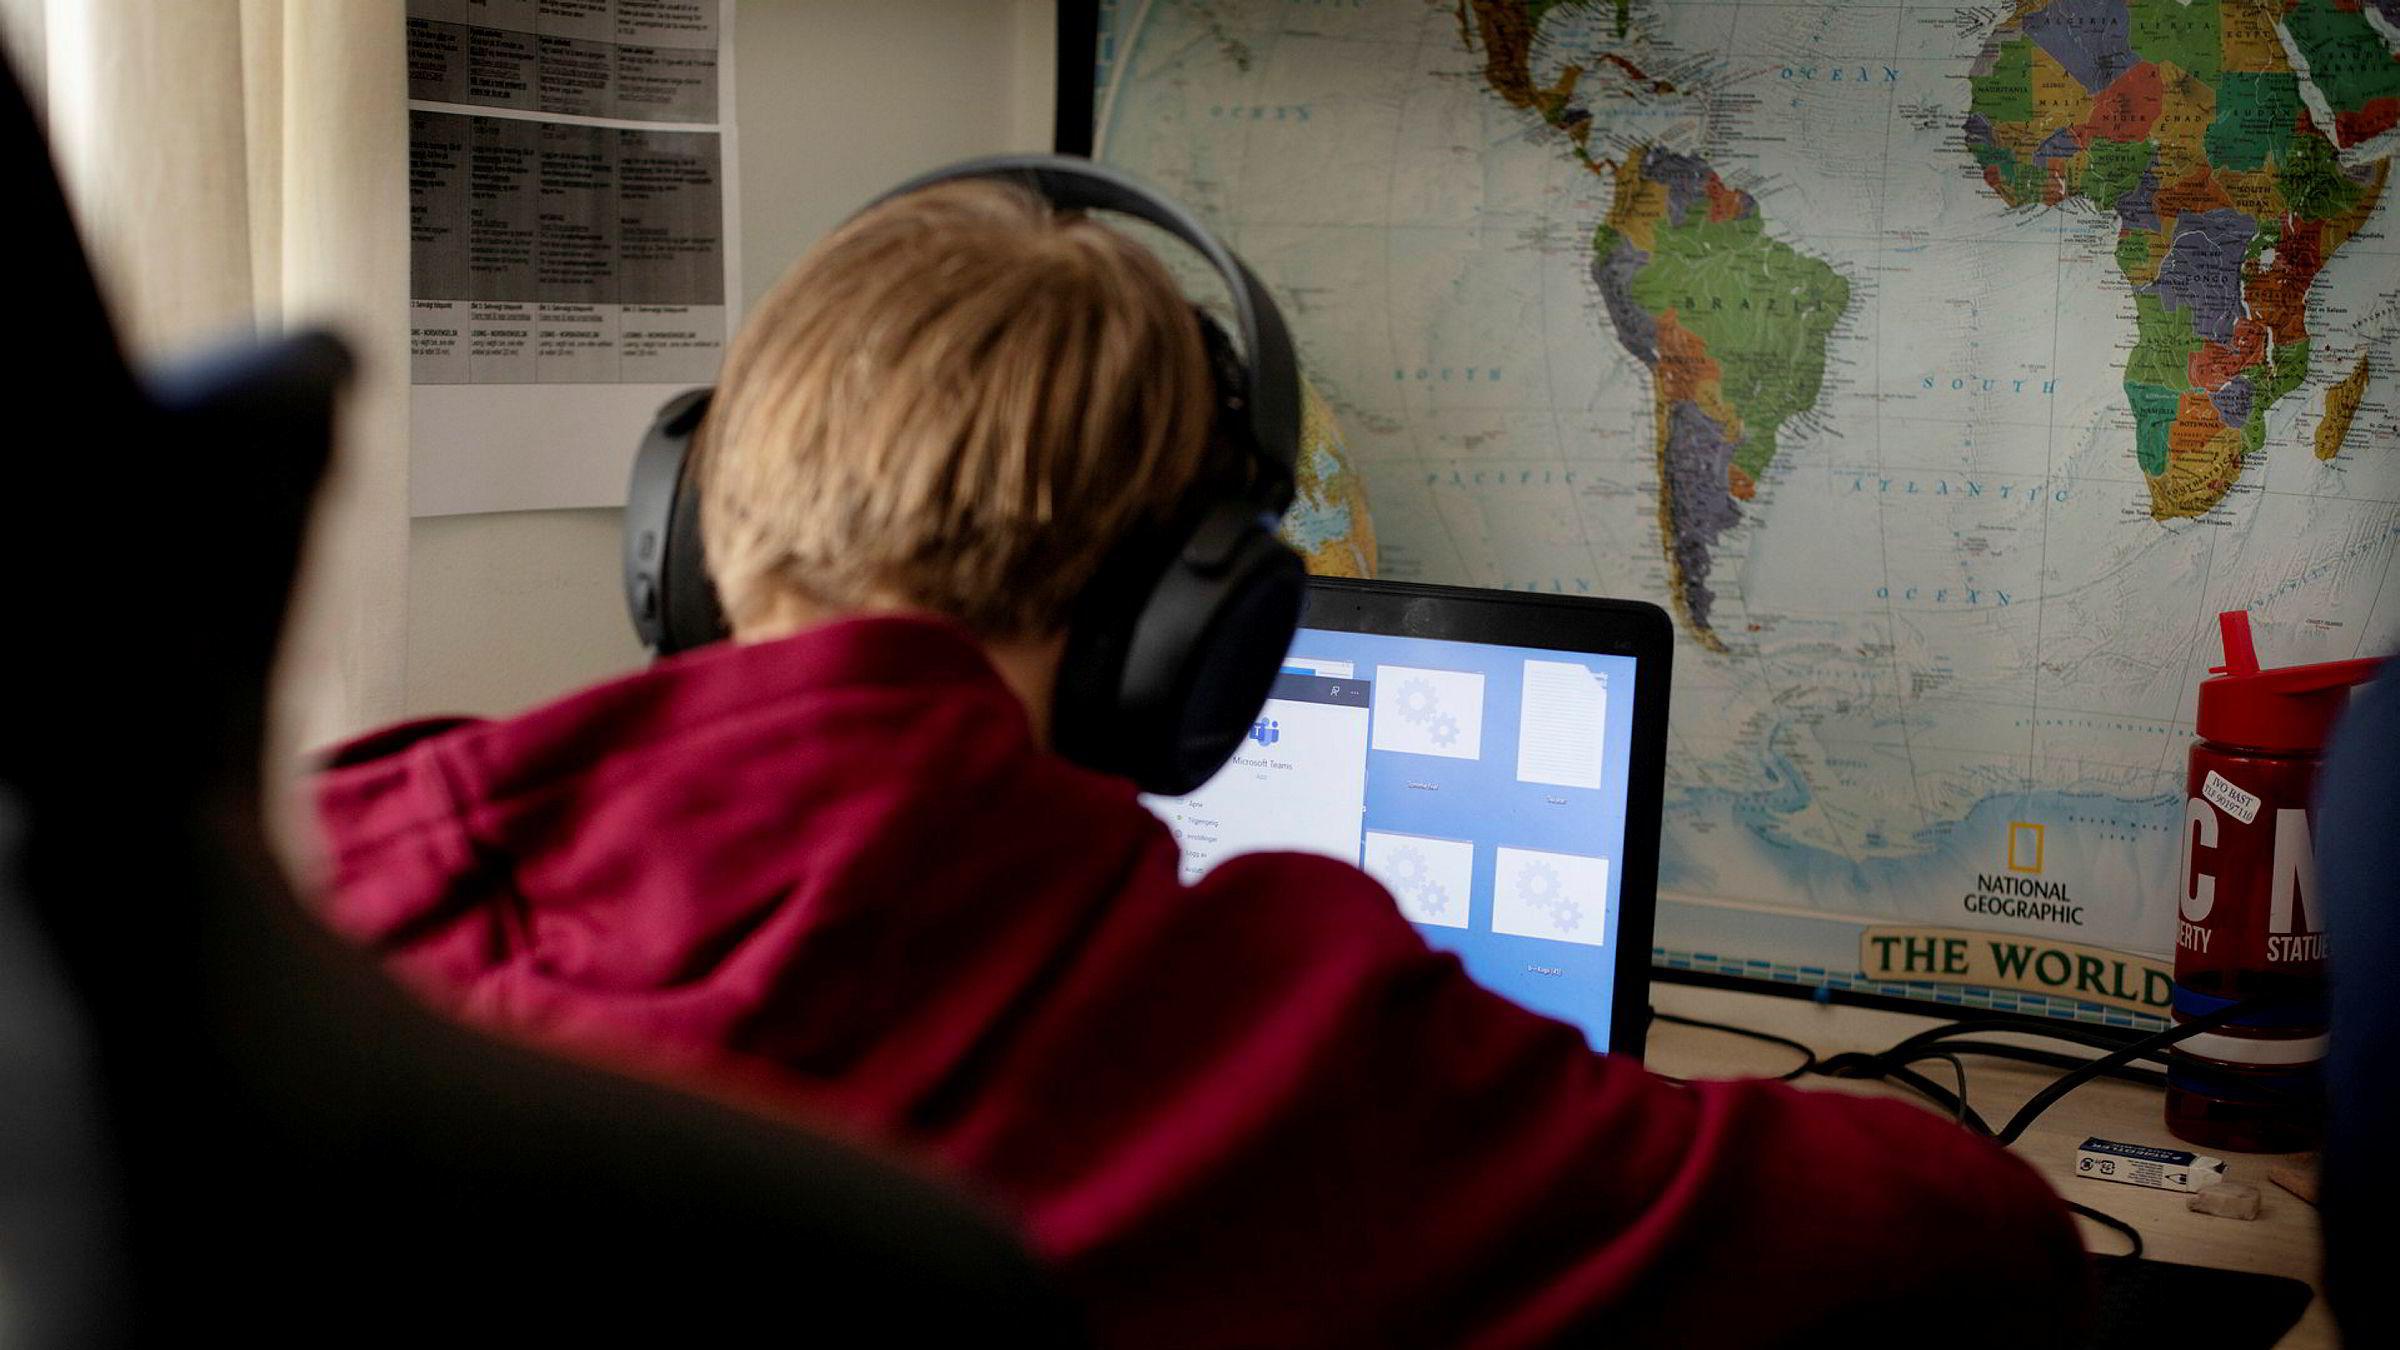 Fem tips kan hjelpe barn å komme i «skolemodus» når de er hjemme, skriver artikkelforfatteren.